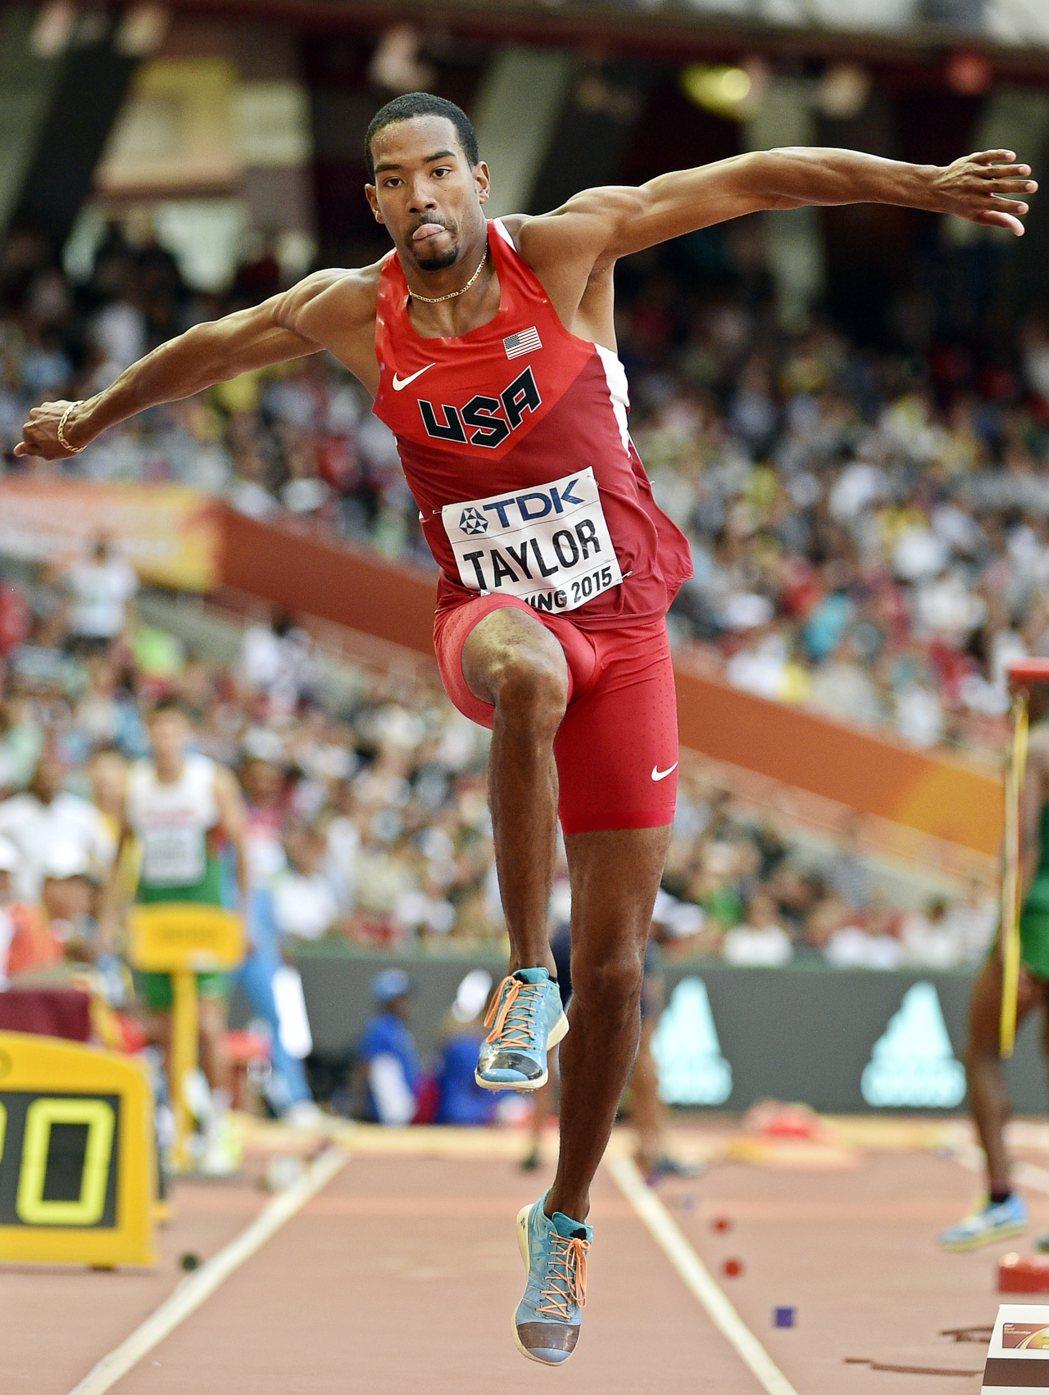 2015年,美國凱瑞斯蒂安·泰勒在北京世界田徑錦標賽,耐吉鞋來不及提供,破例讓他...